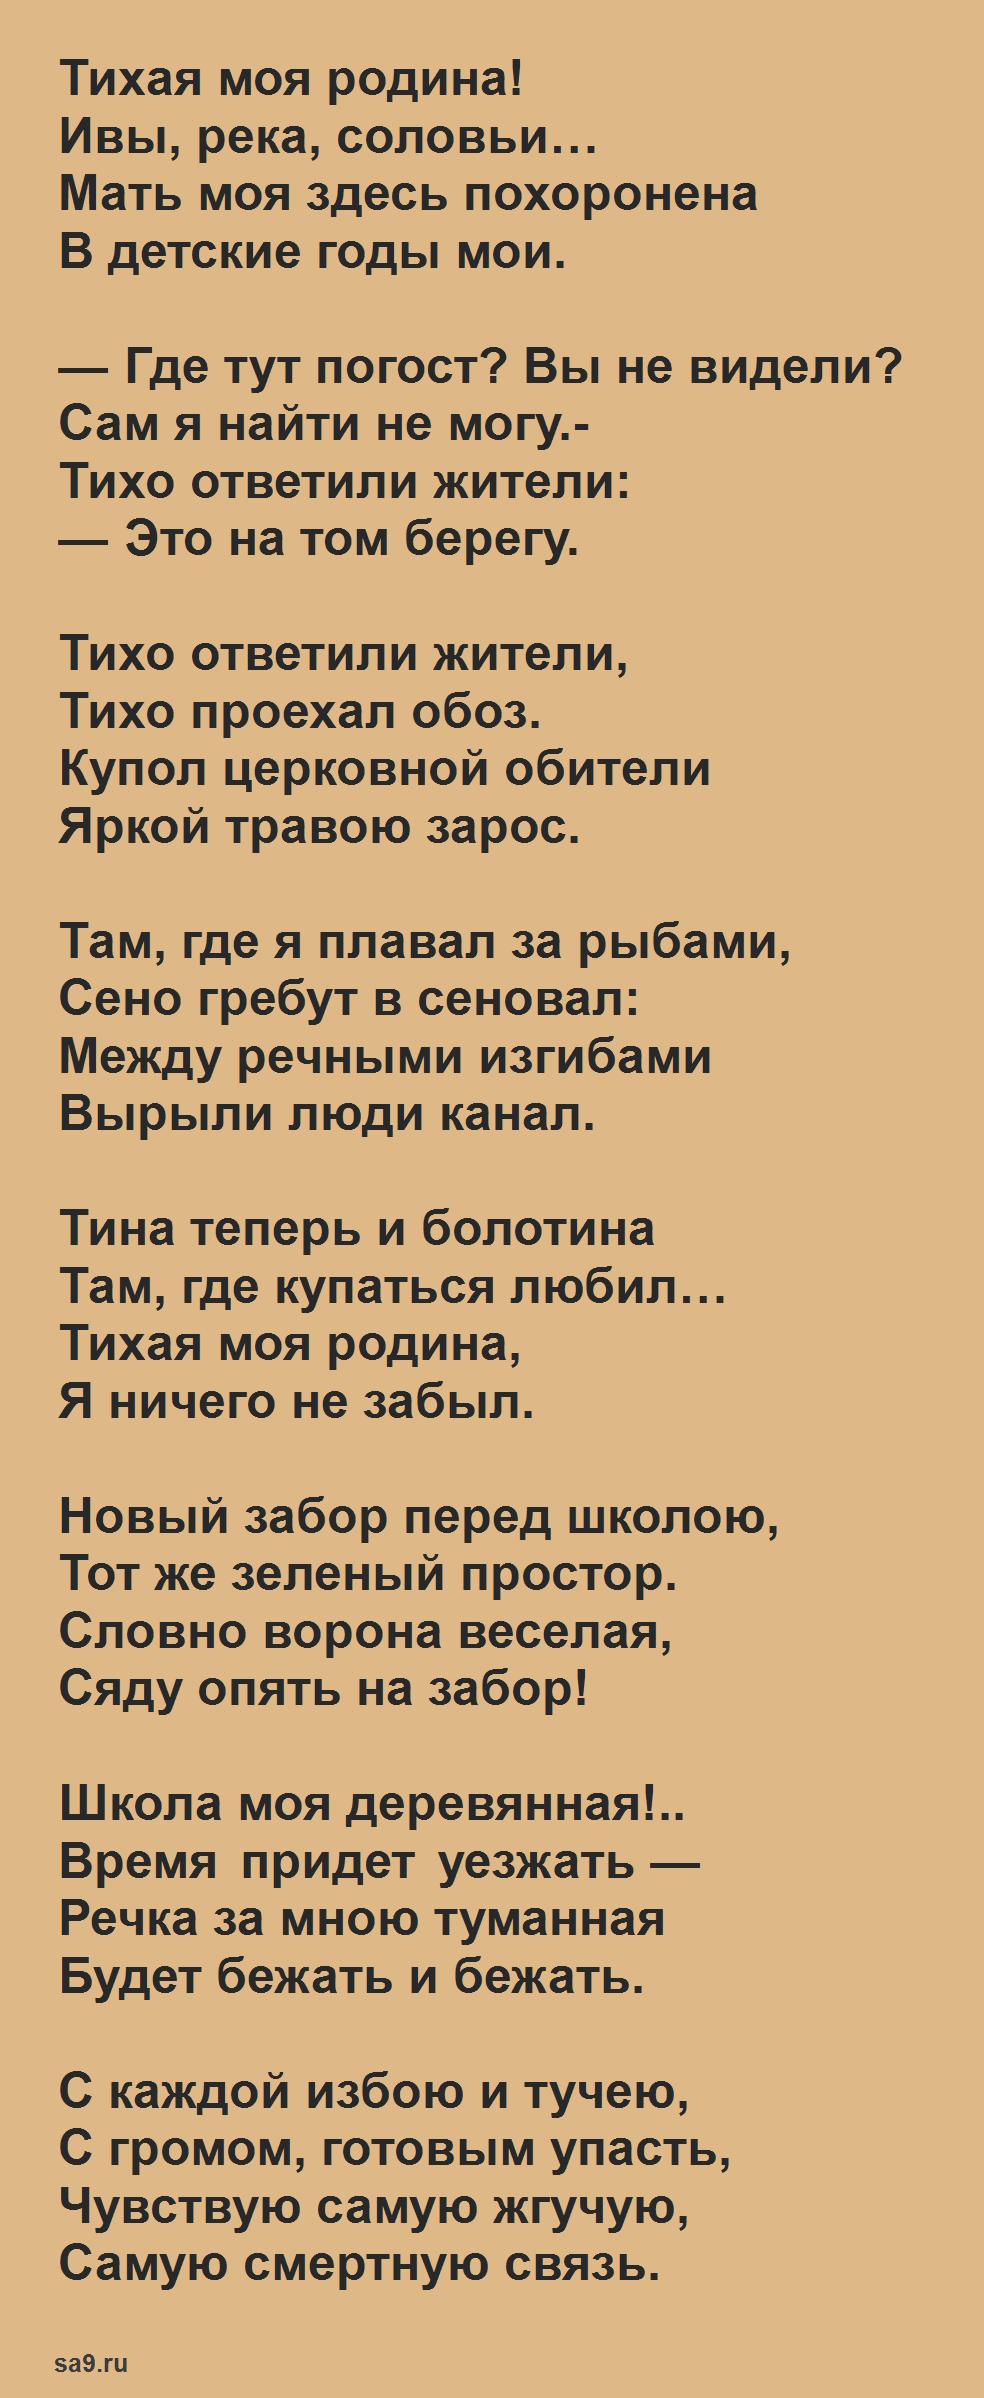 Тихая моя Родина - стих Рубцова